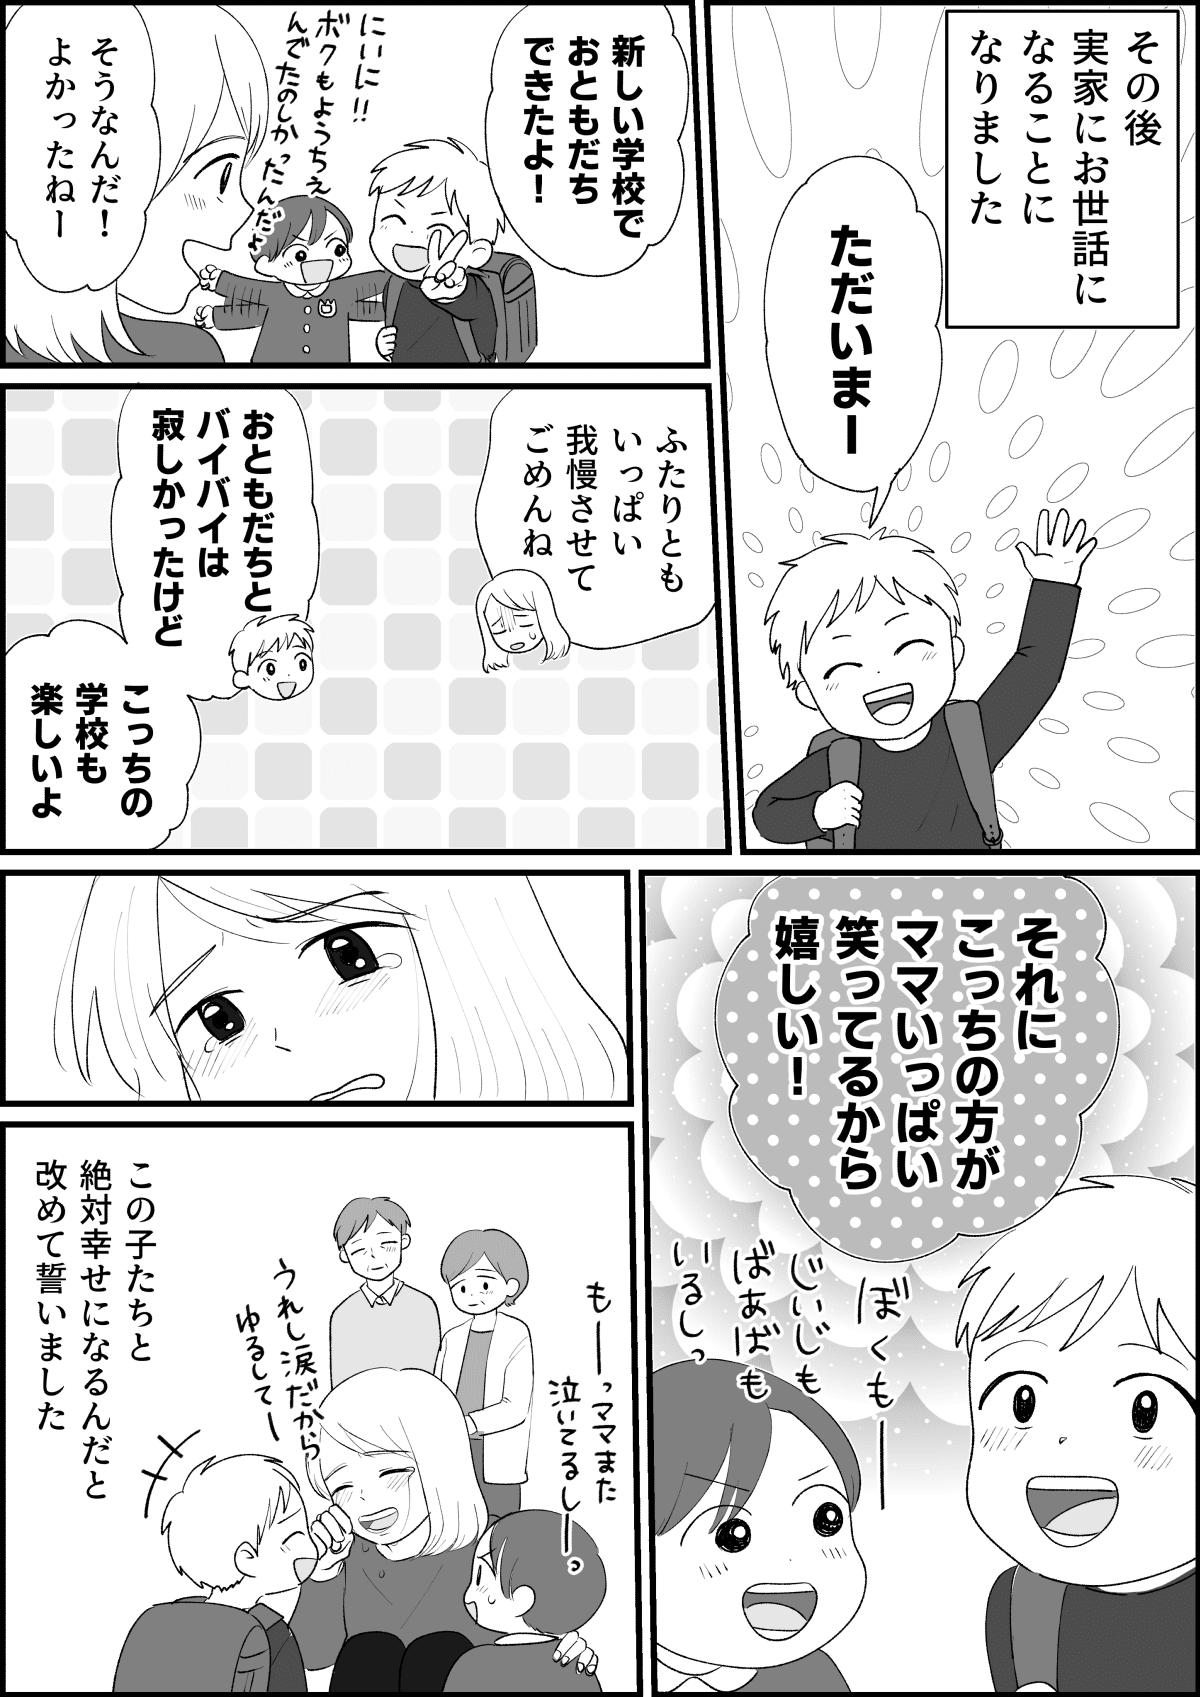 <暴力におびえる生活>